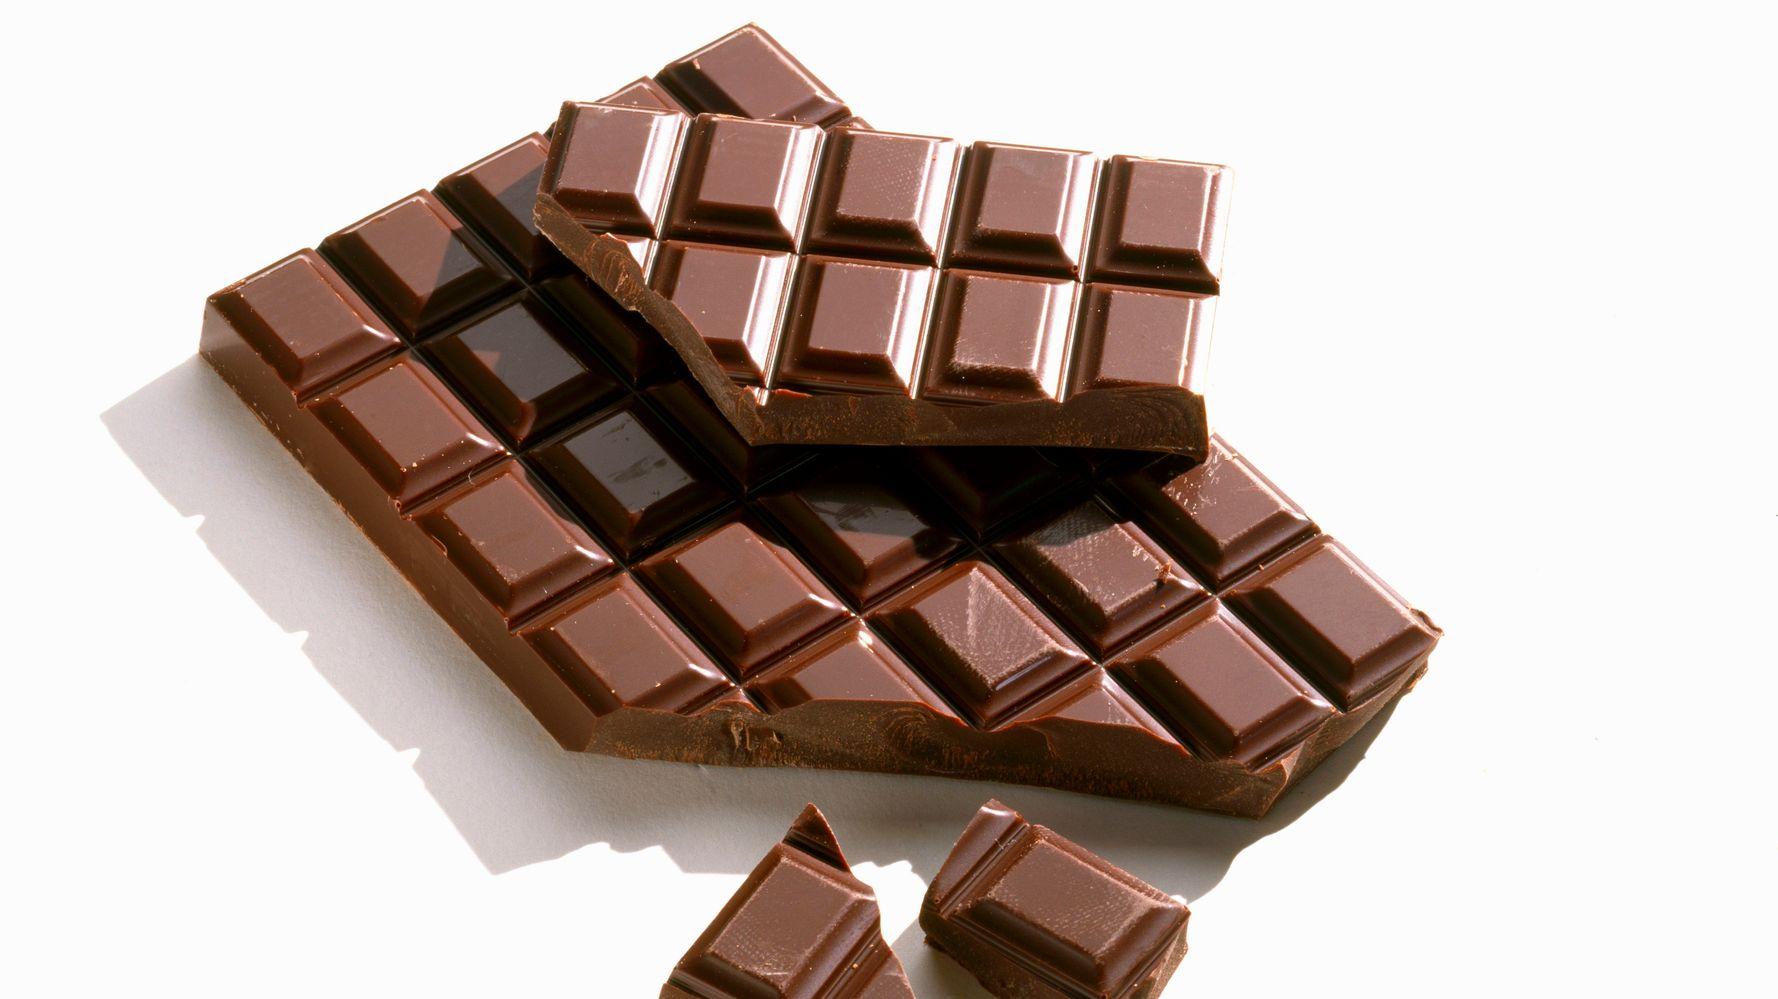 خرید شکلات تخته ای فله